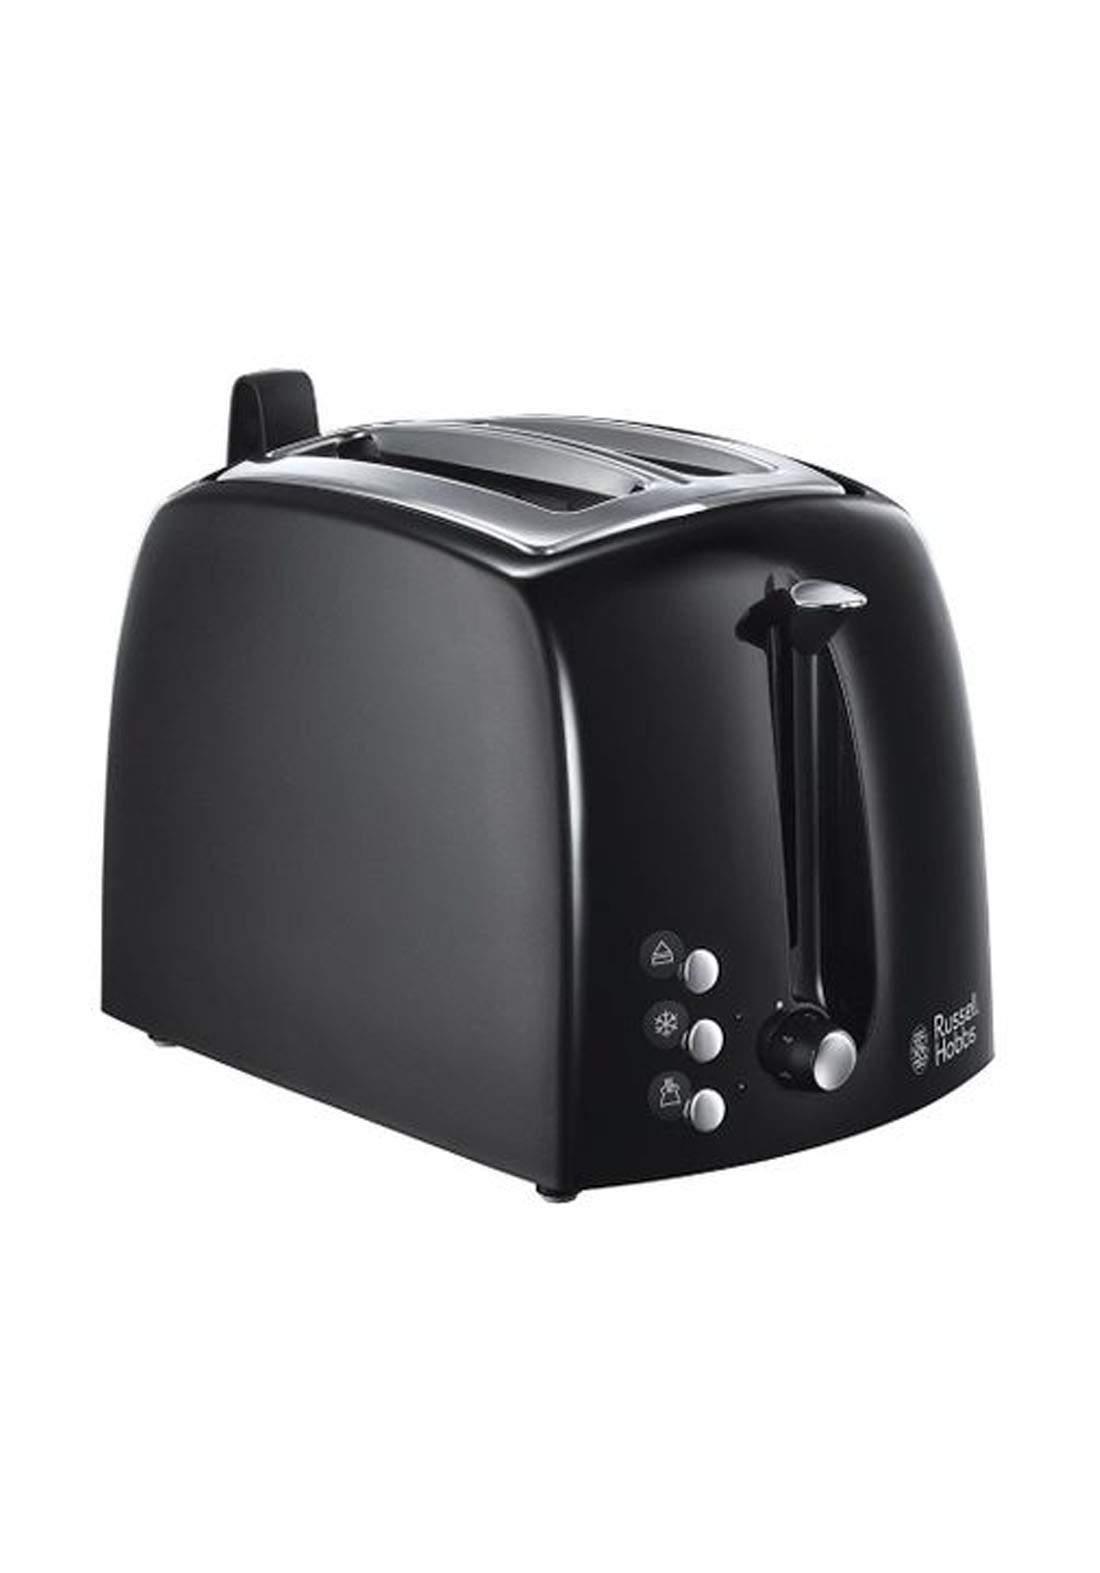 Russell hobbs 22601 Toaster محمصة